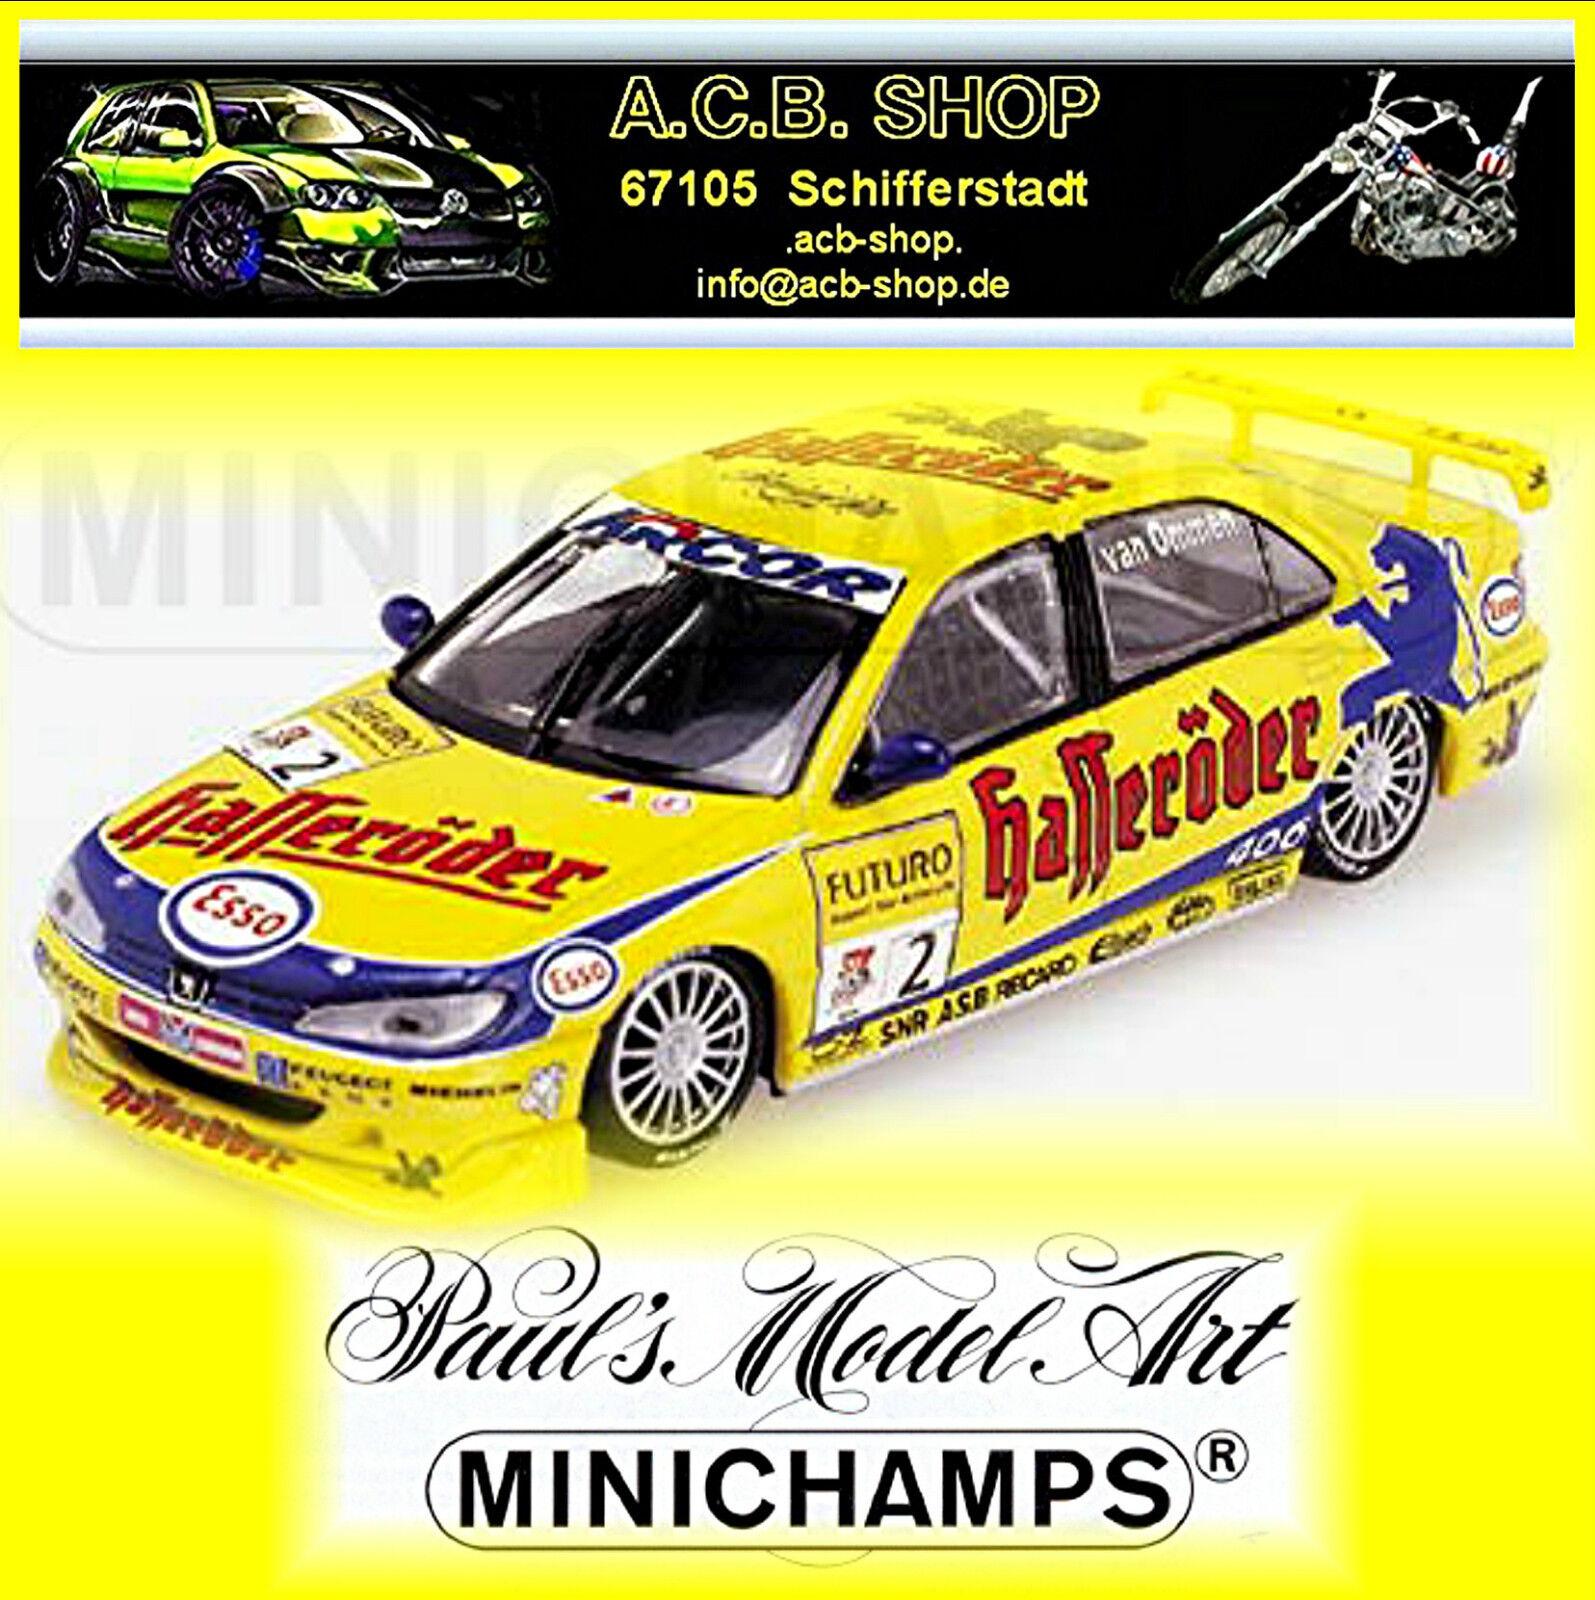 Peugeot 406 Stw 1998 J. V. V. Ommen #2 Team Peugeot Hasseröder 1:43 Minichamps